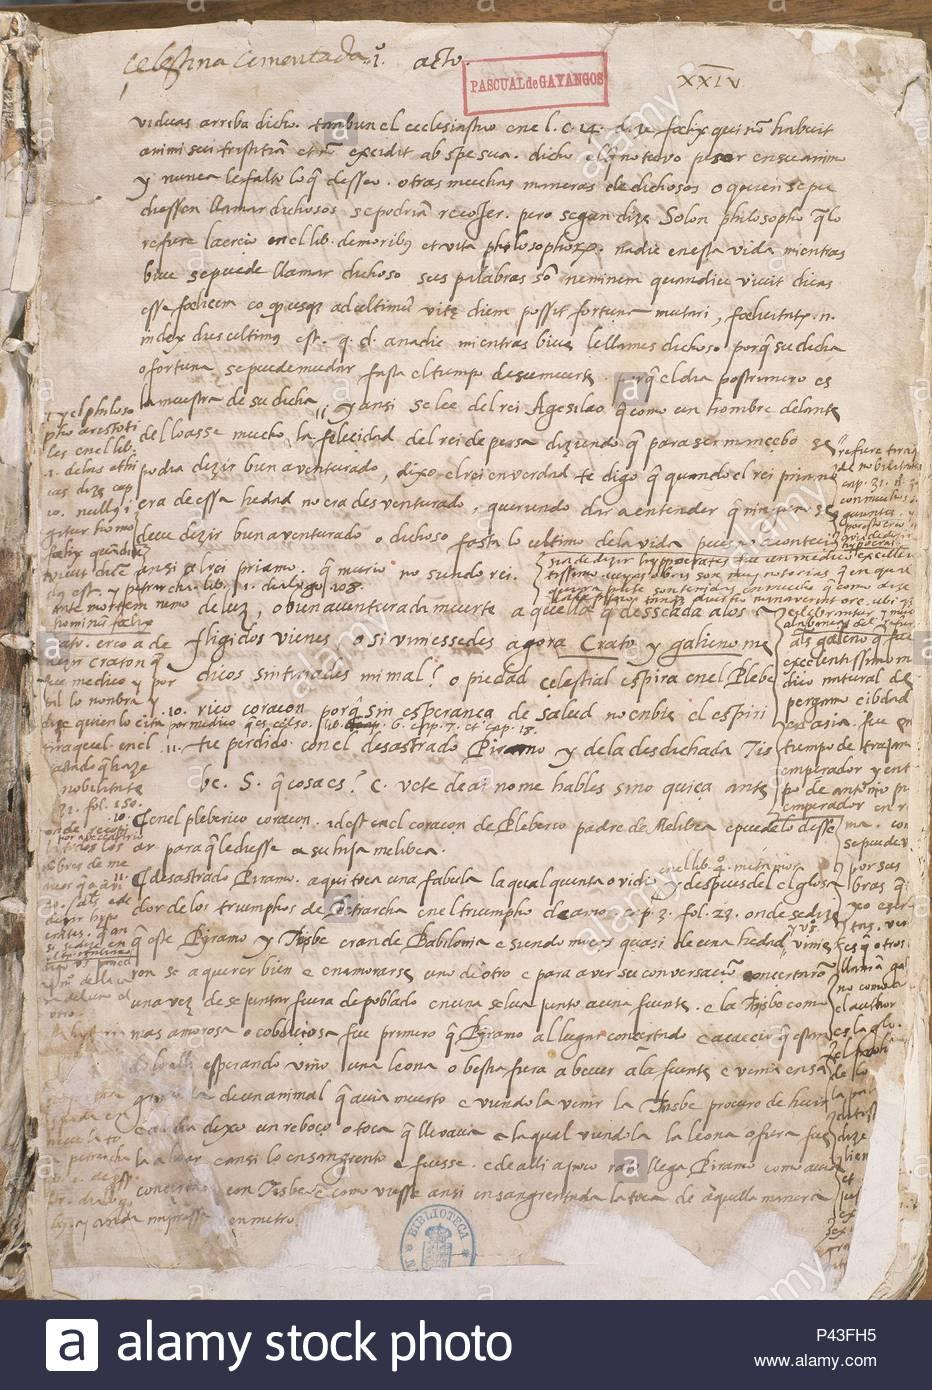 PRIMERA PAGINA DE LA CELESTINA. Author: Fernando de Rojas (c. 1470-1541). Location: BIBLIOTECA NACIONAL-COLECCION, MADRID, SPAIN. - Stock Image